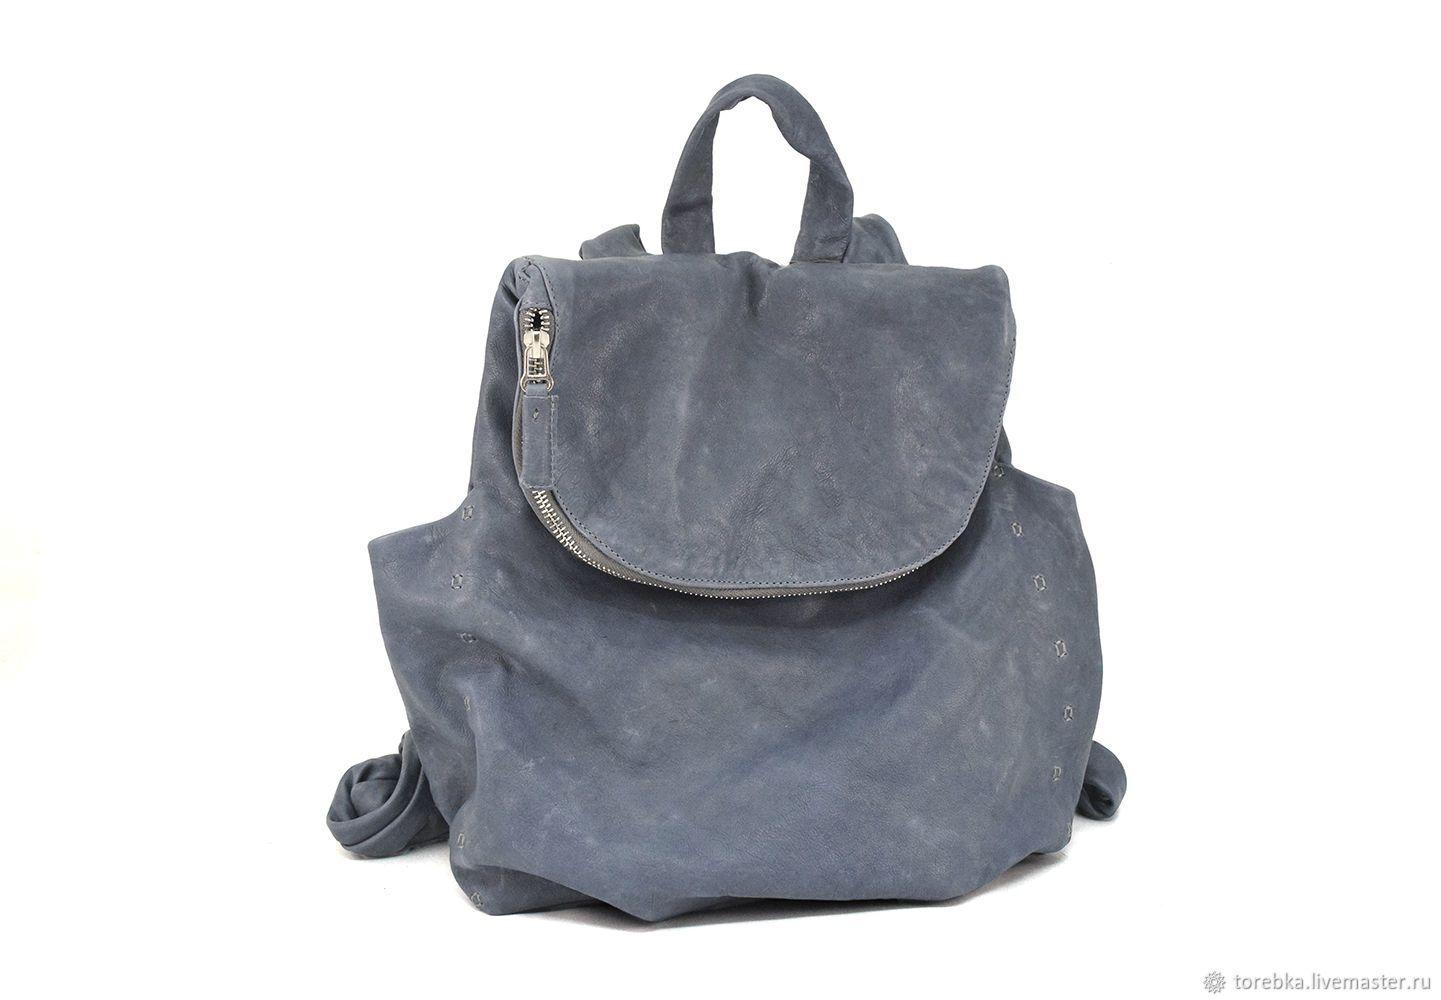 Женский сине-серый кожаный рюкзак на молнии - купить или заказать в интернет -магазине на Ярмарке Мастеров - GNHRVRU. Львов   Доставка включена в  стоимость ... 91f88d45432